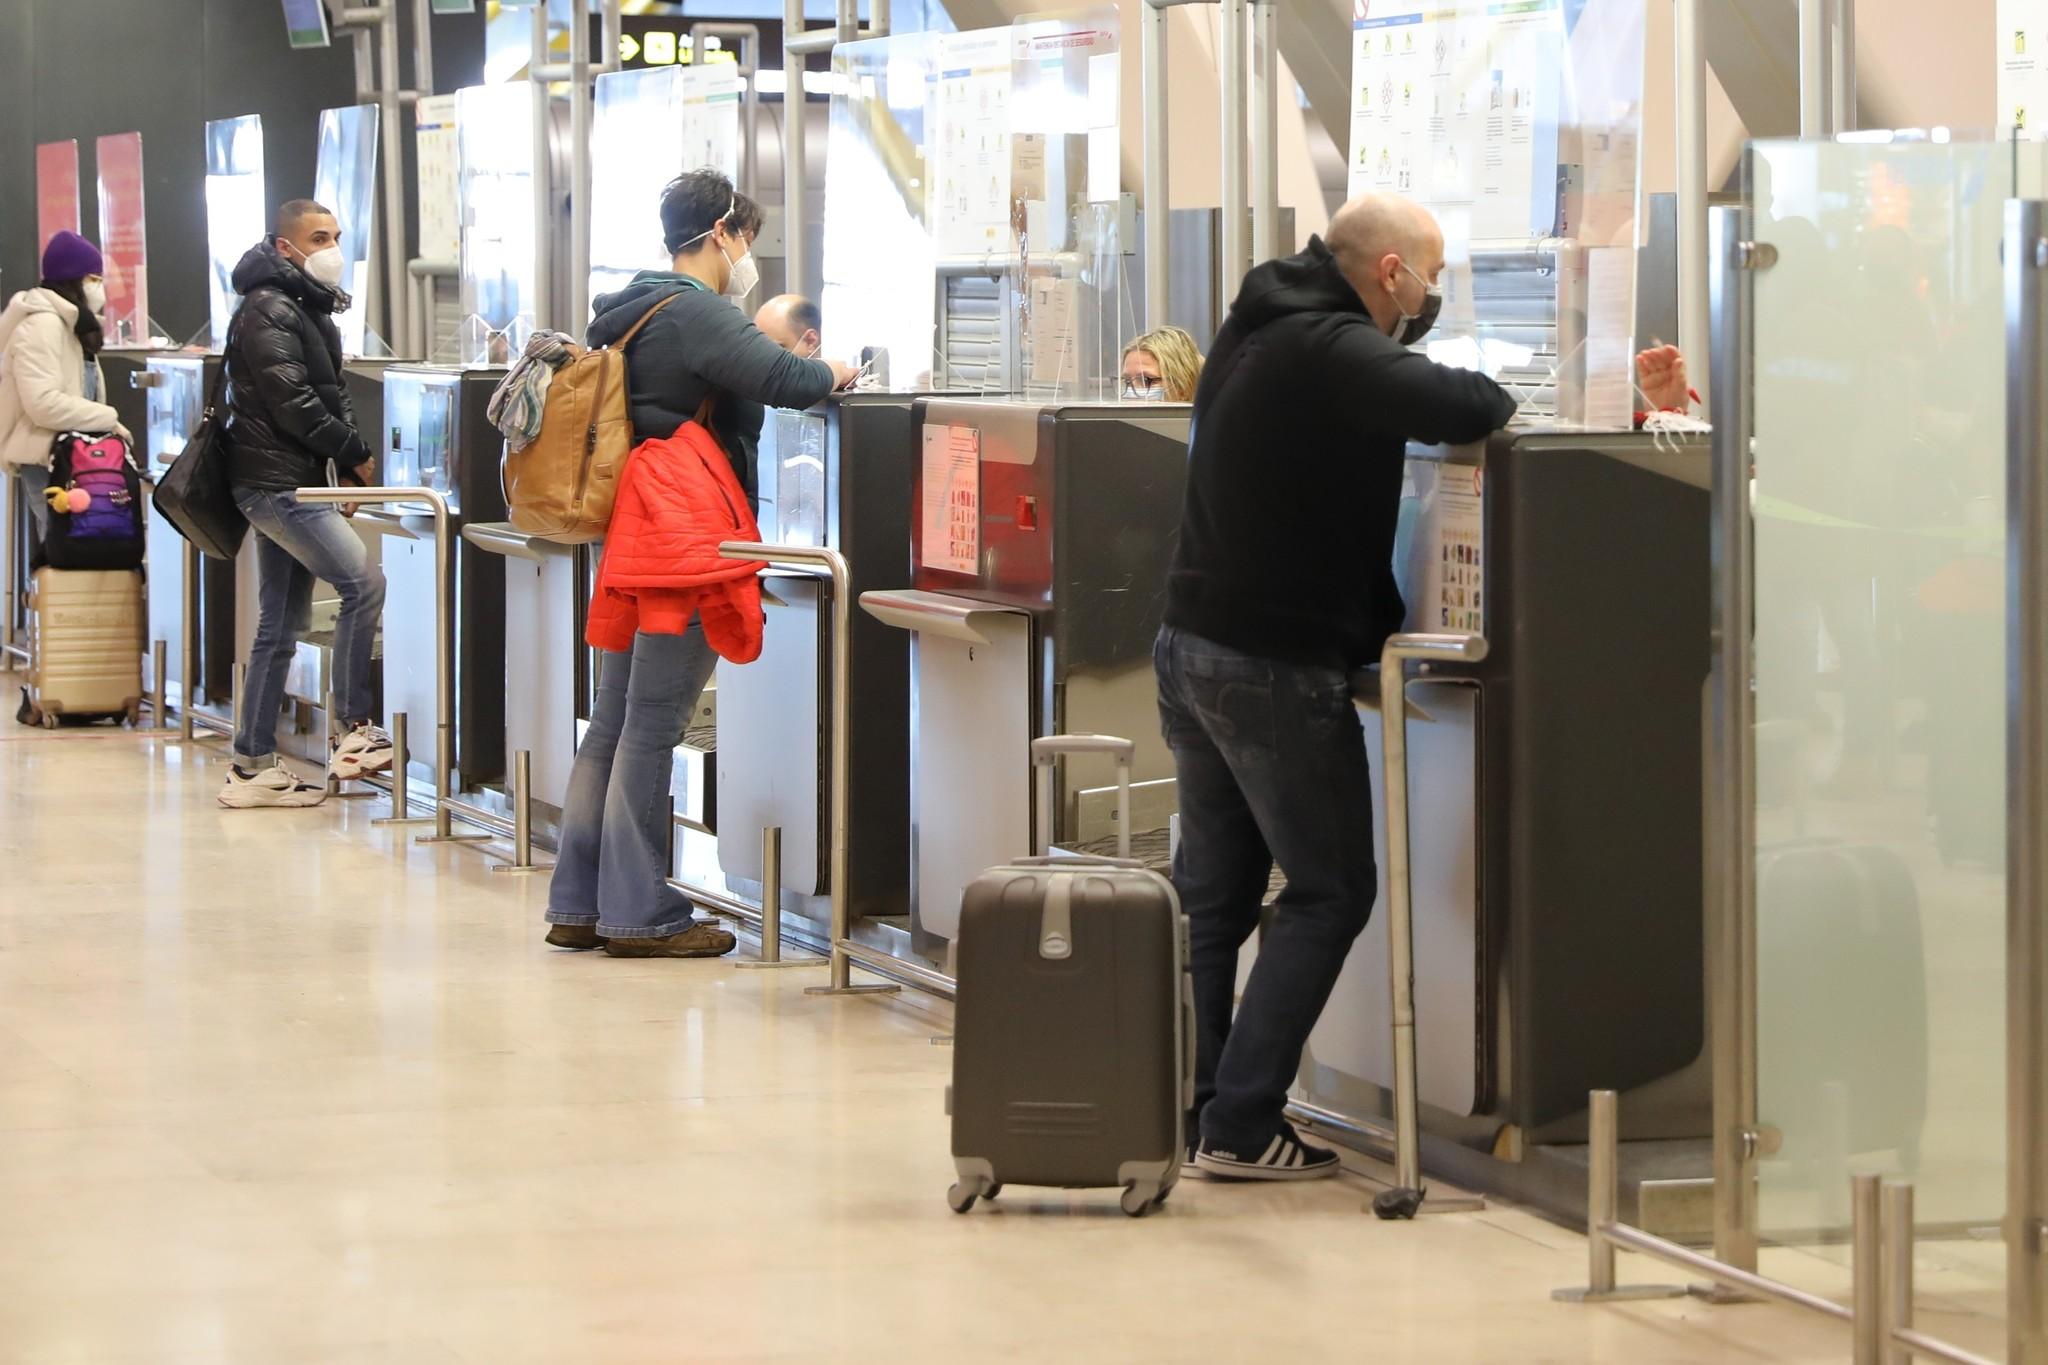 Viajeros facturando sus maletas en el aeropuerto madrileño de Adolfo Suárez.